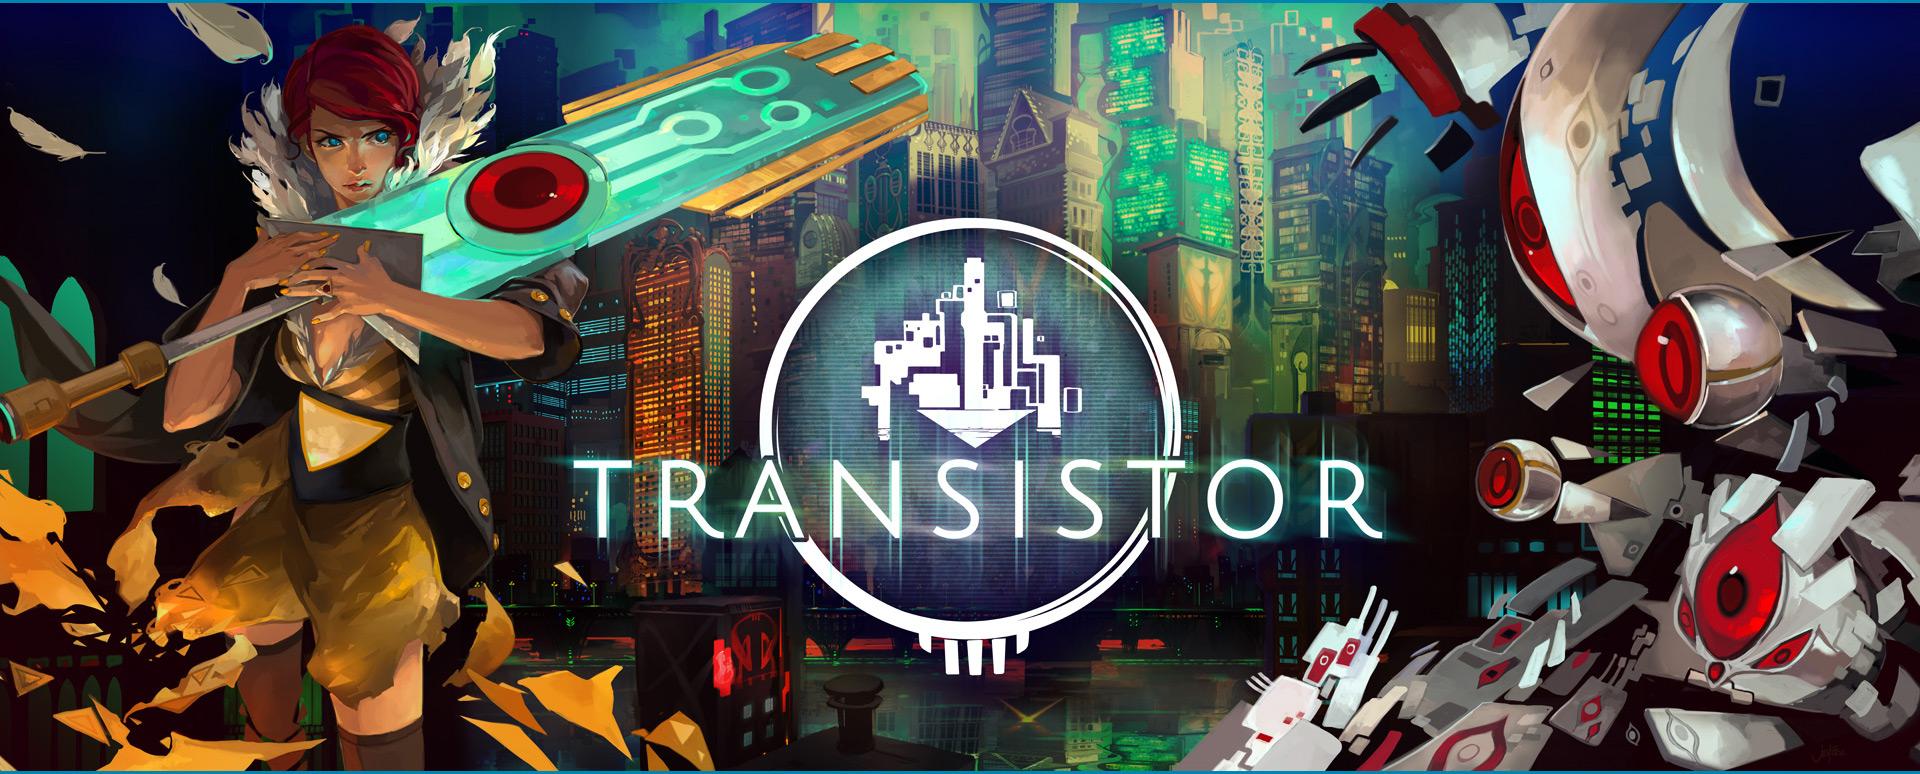 transistor_header